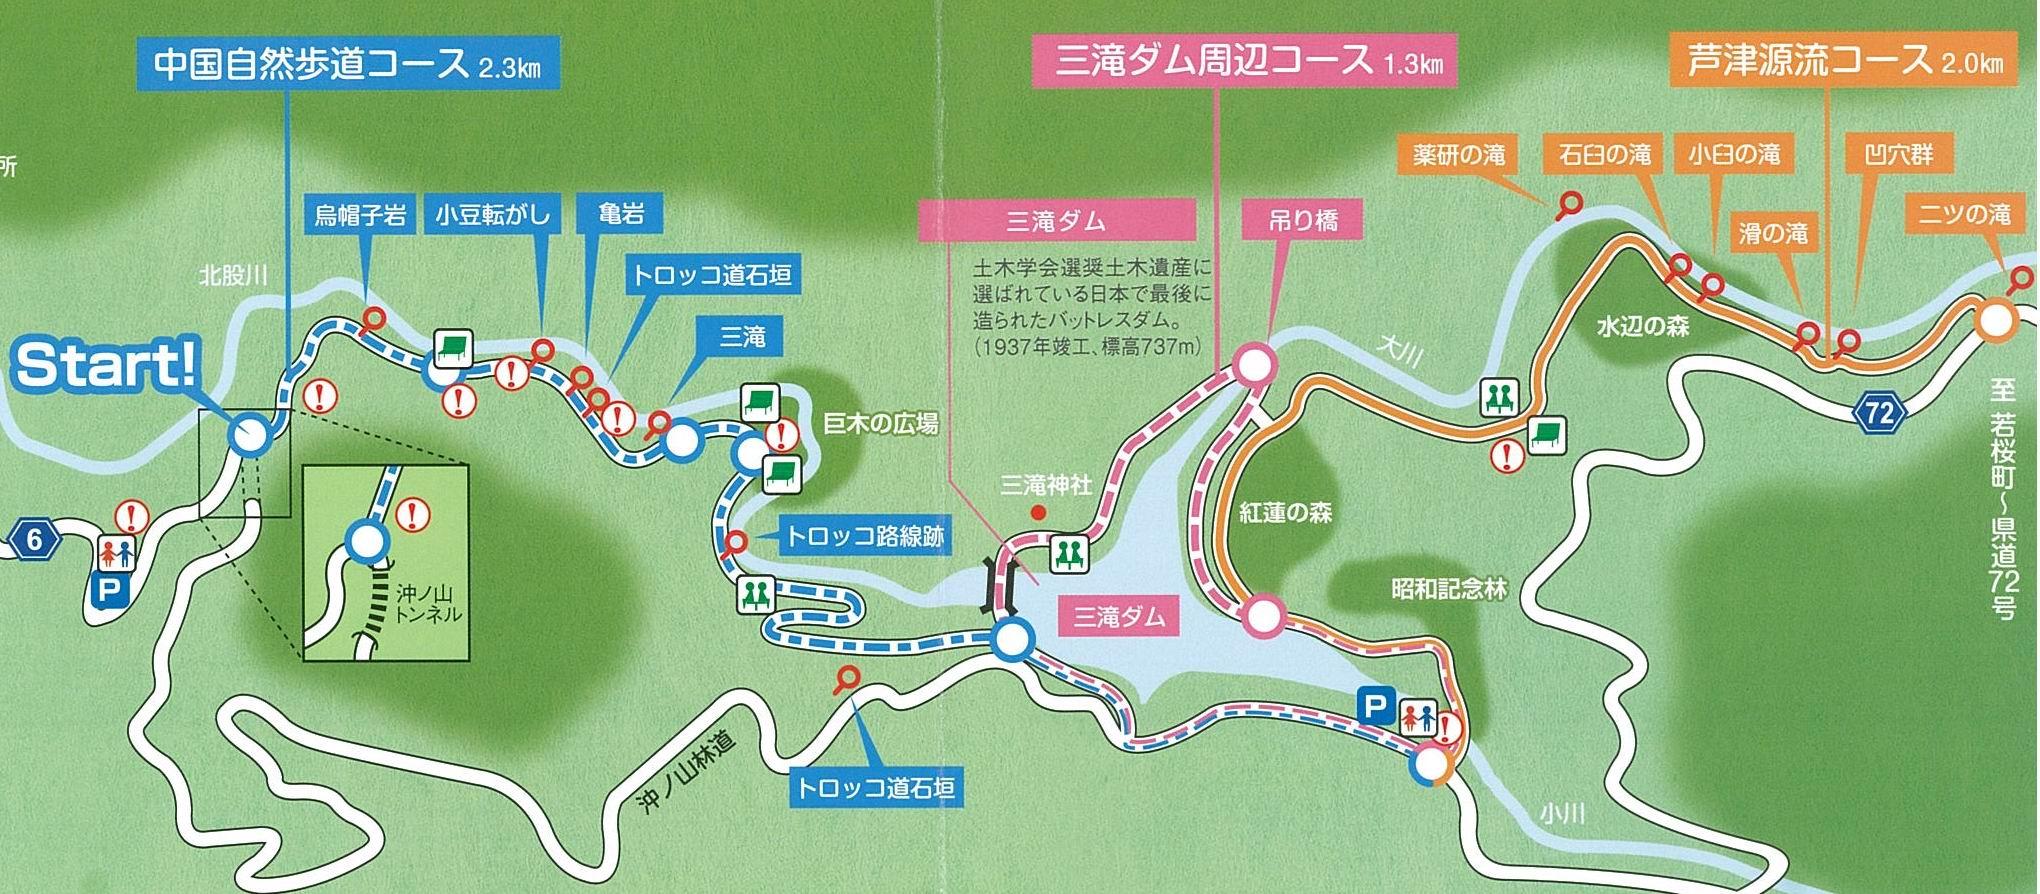 鳥取県観光案内 とっとり旅の ...